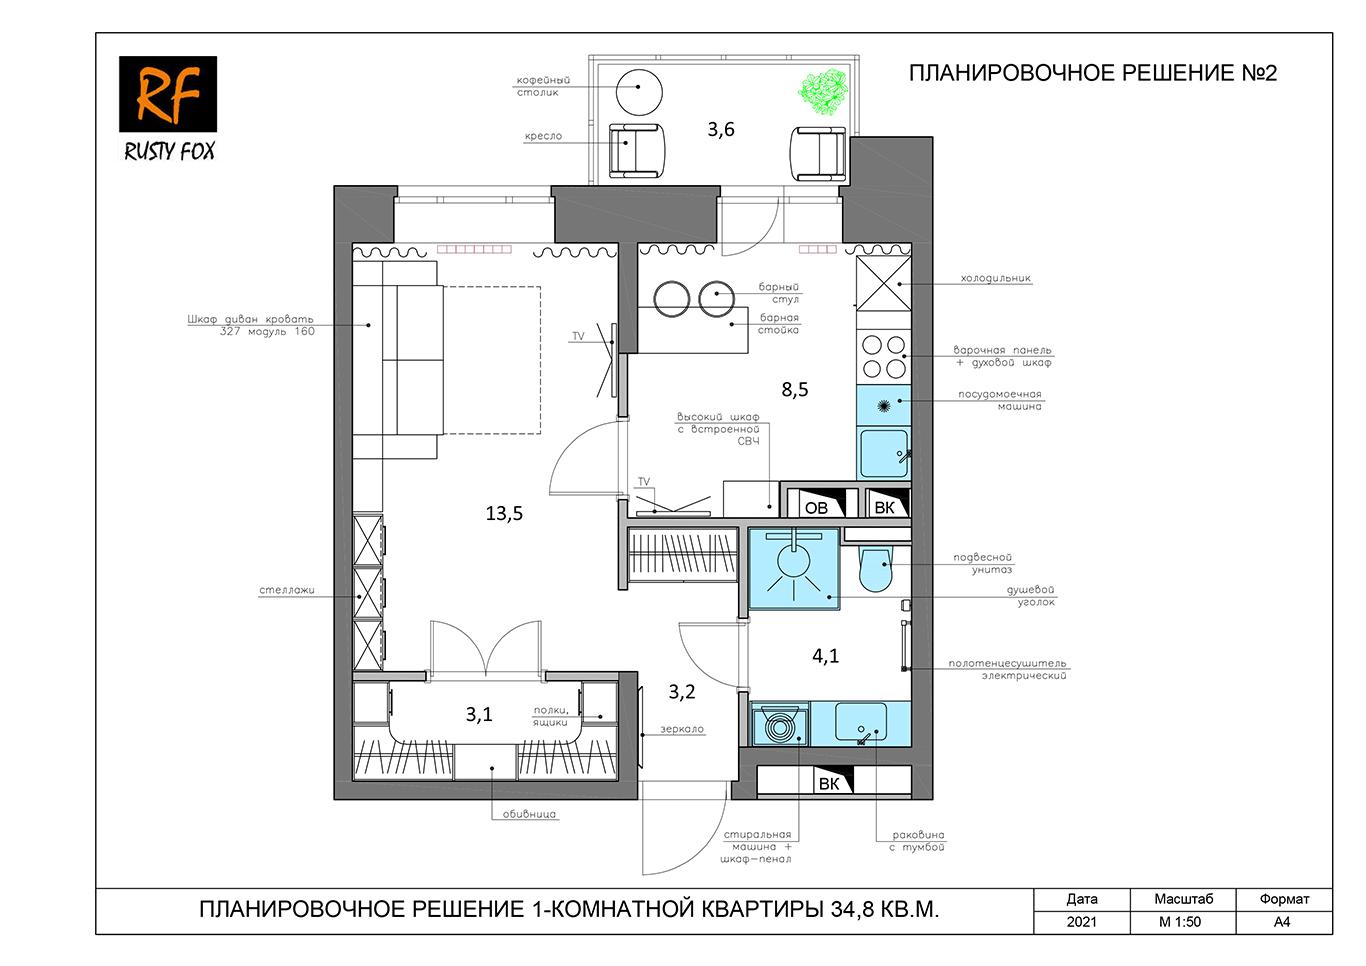 ЖК Люберцы корпус 52, секция 2. Планировочное решение №2 1-комнотной квартира 34,8 кв.м.